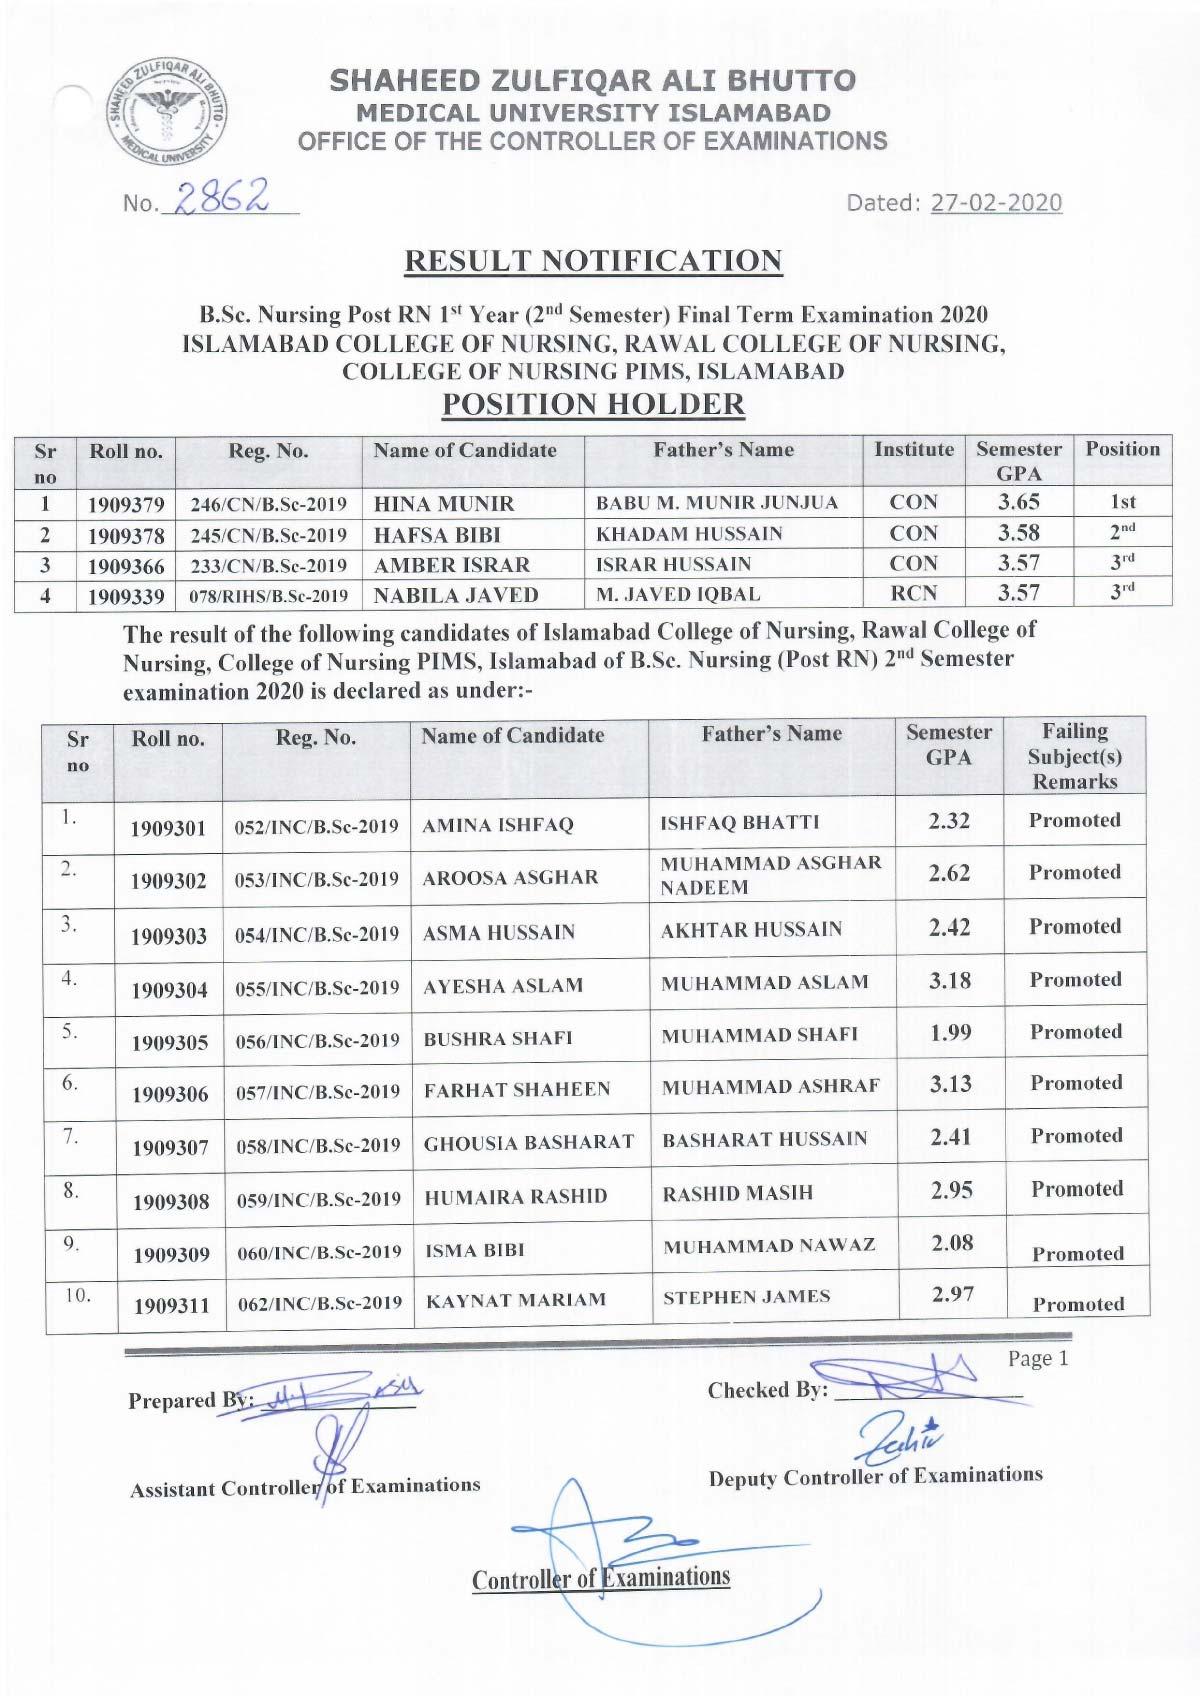 Result Notification - Bs Nursing Post RN 1st Year final Term Examination 2020